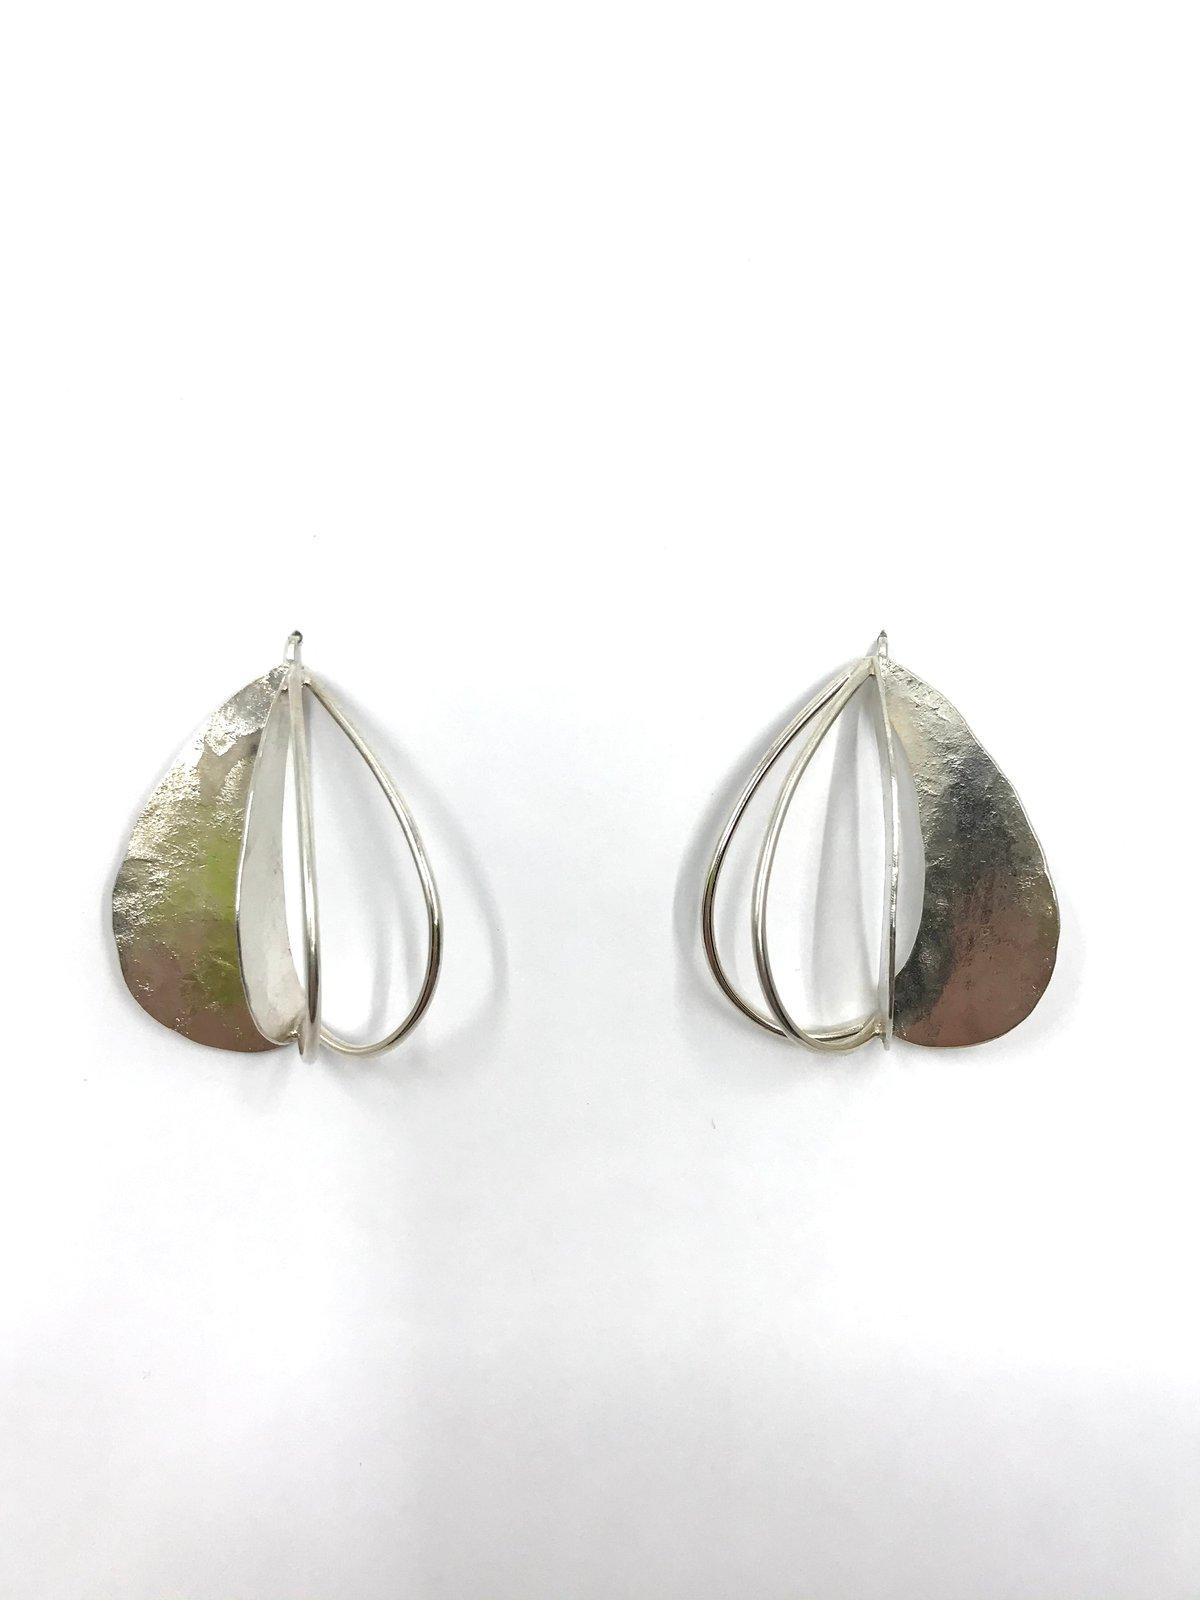 Silver 3D Pod Earrings by Leia Zumbro